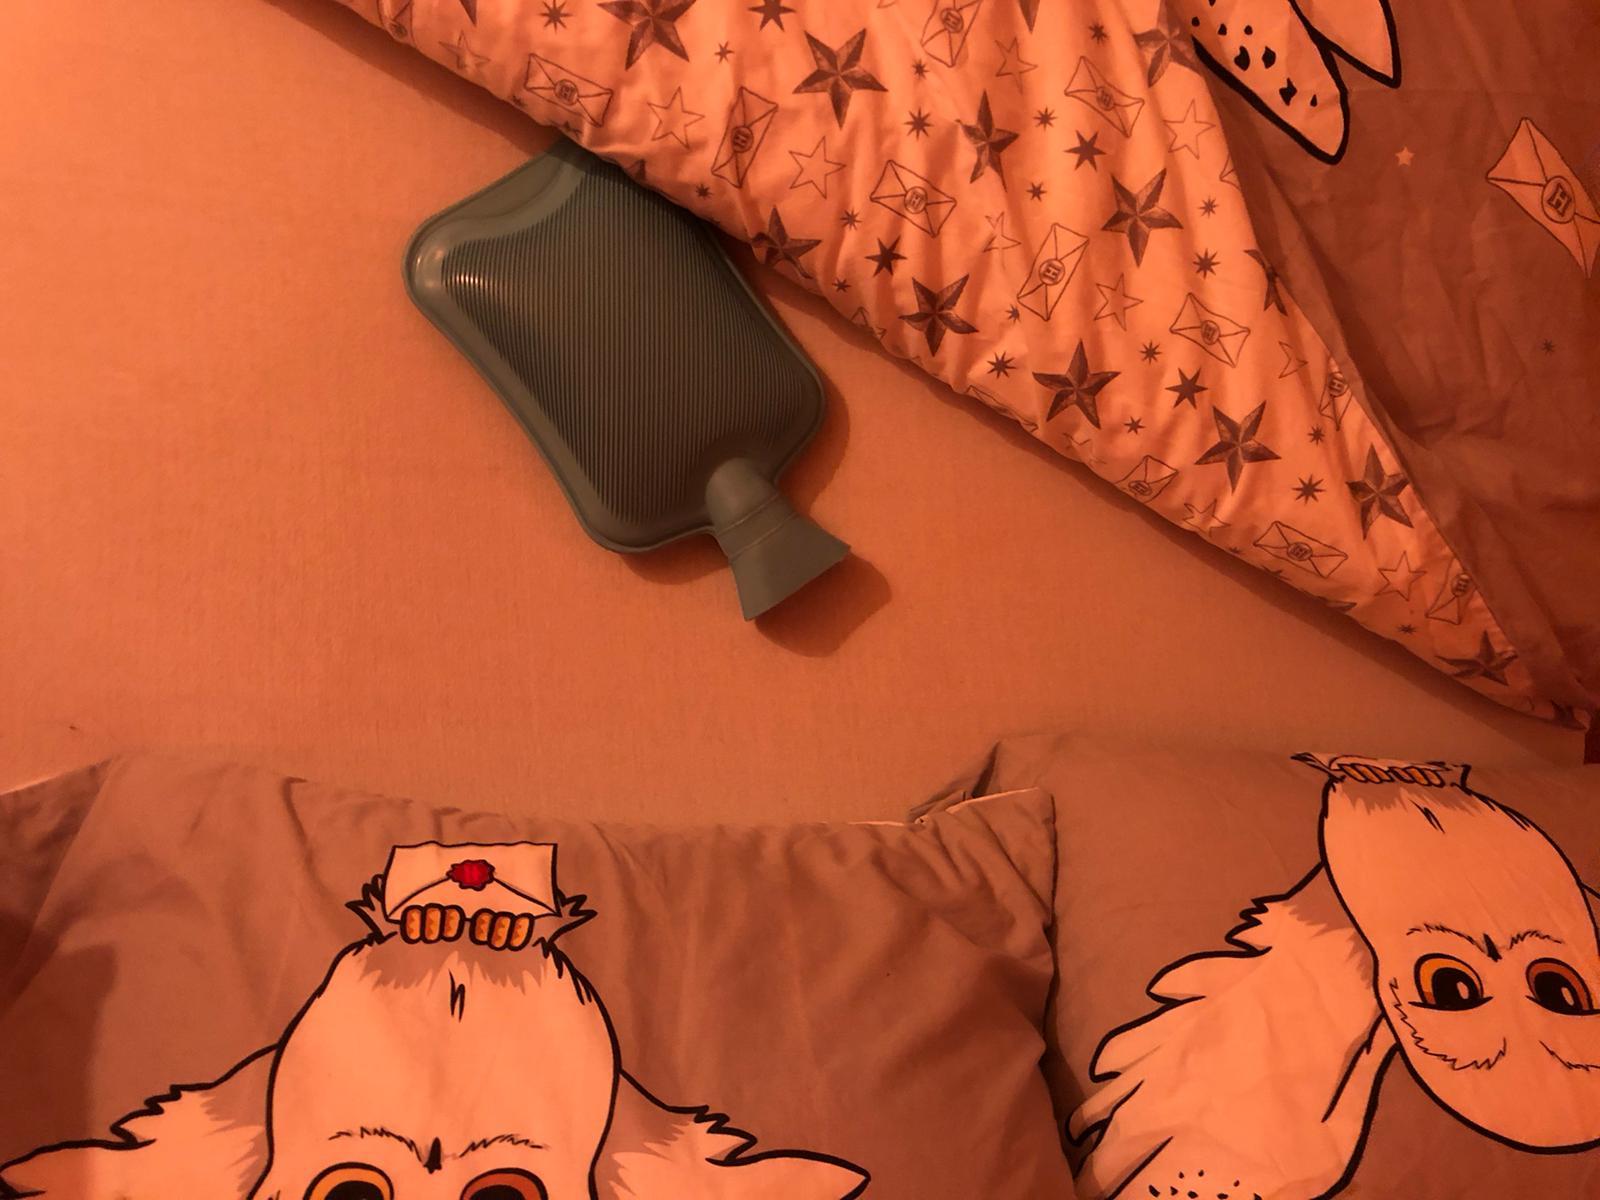 Kruik in bed